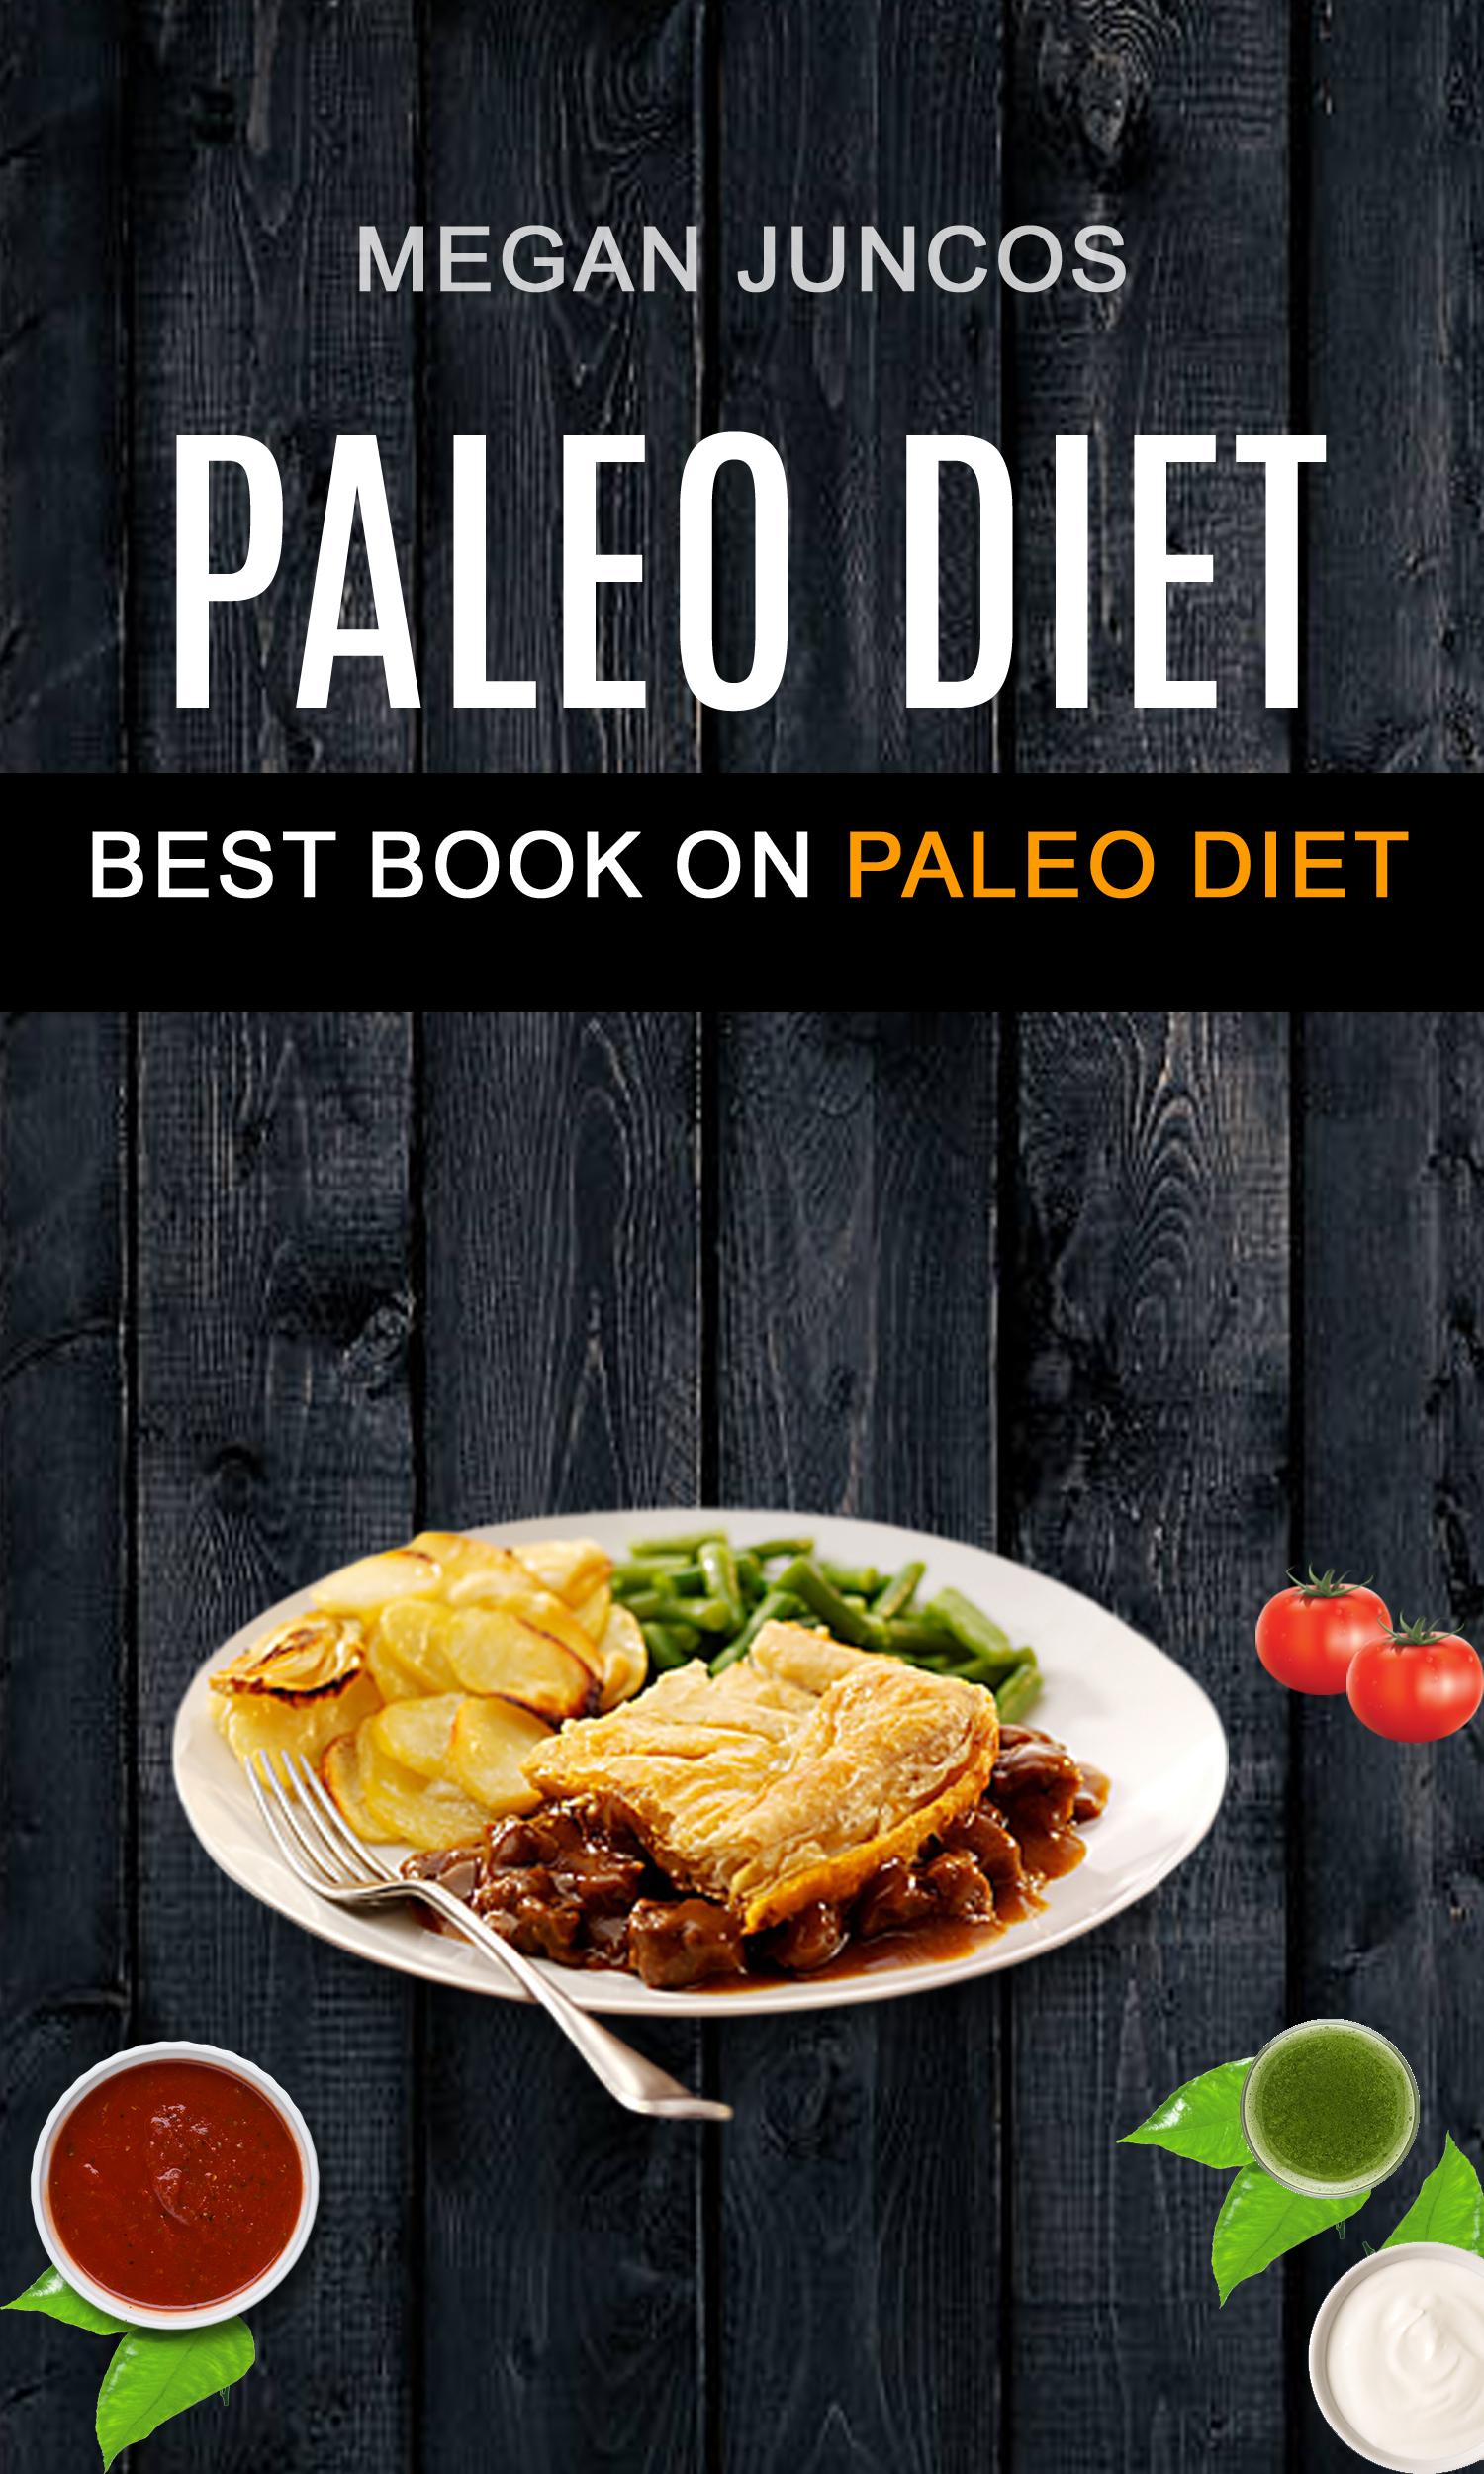 Paleo diet: best book on paleo diet